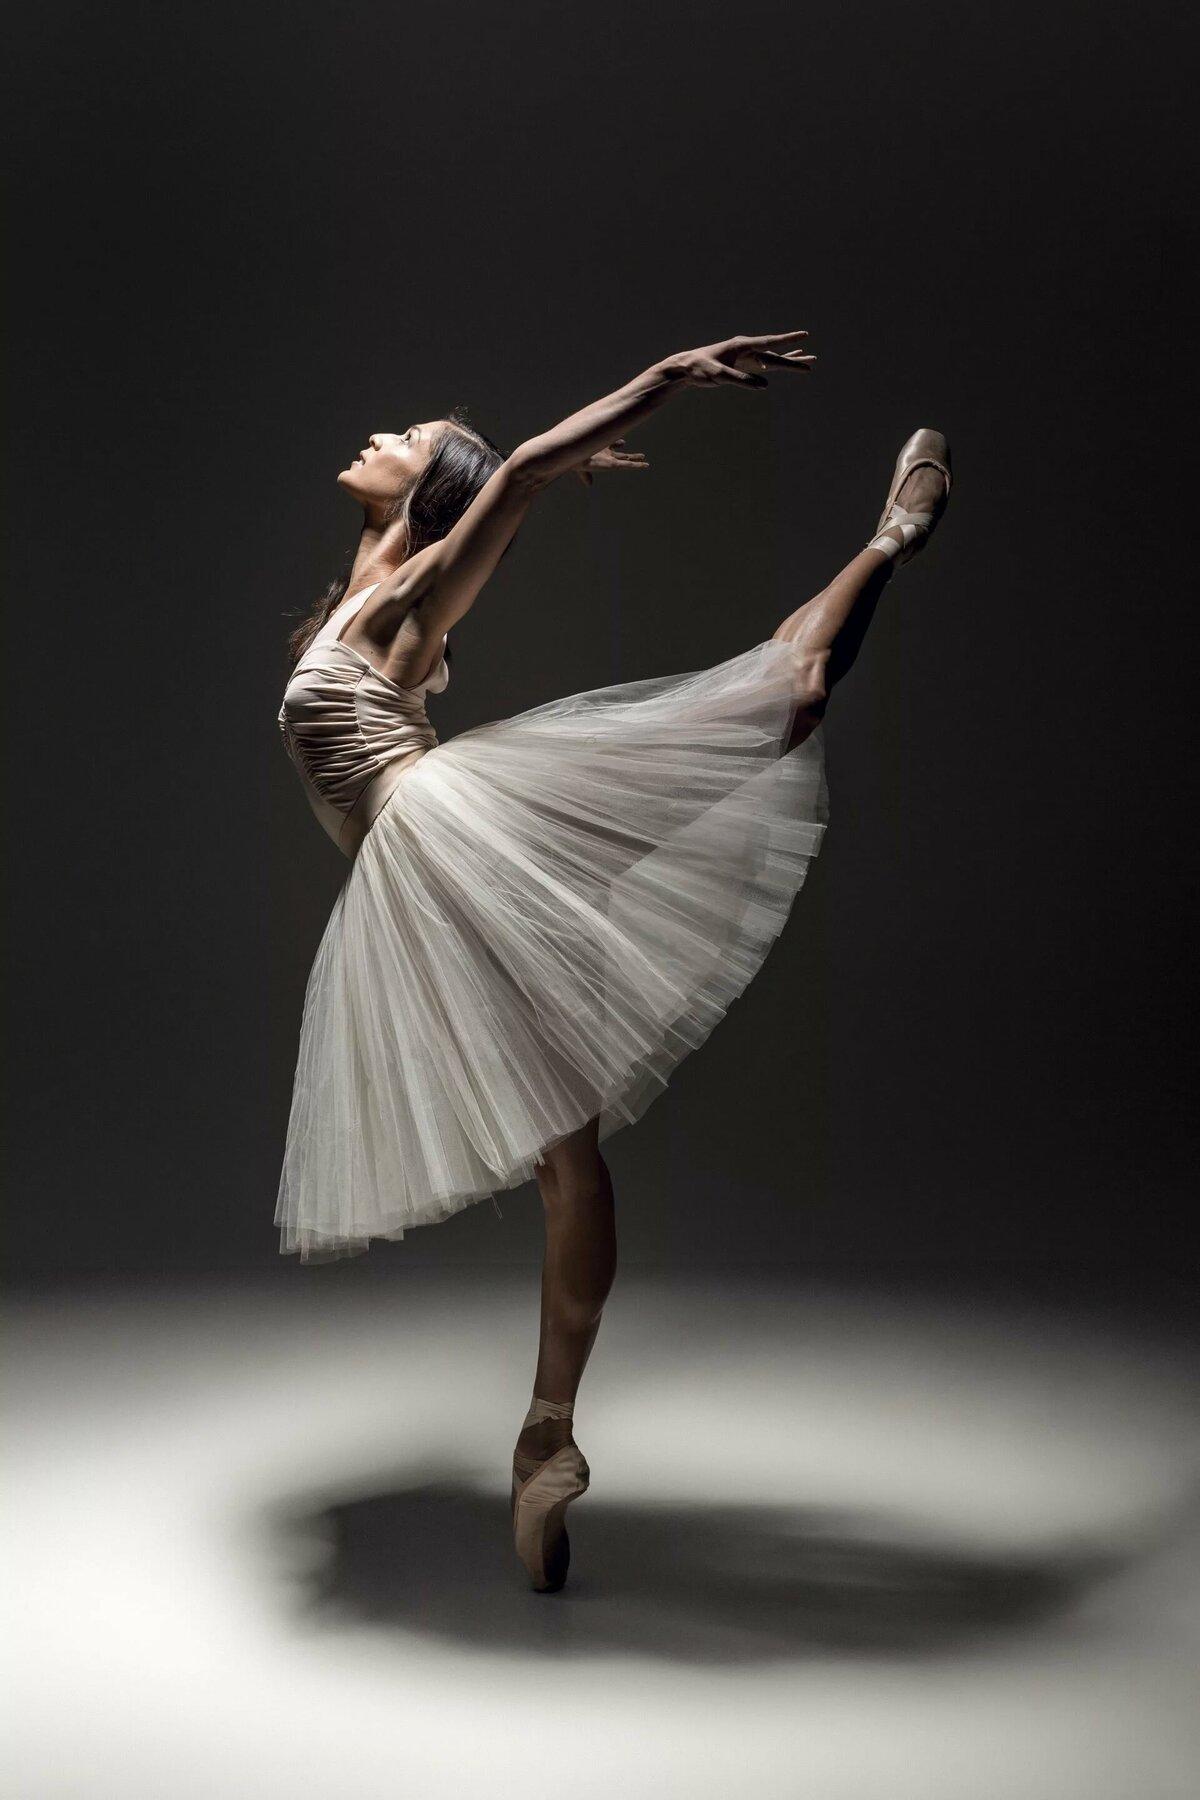 картинки с изображениями балерин новый жилой микрорайон